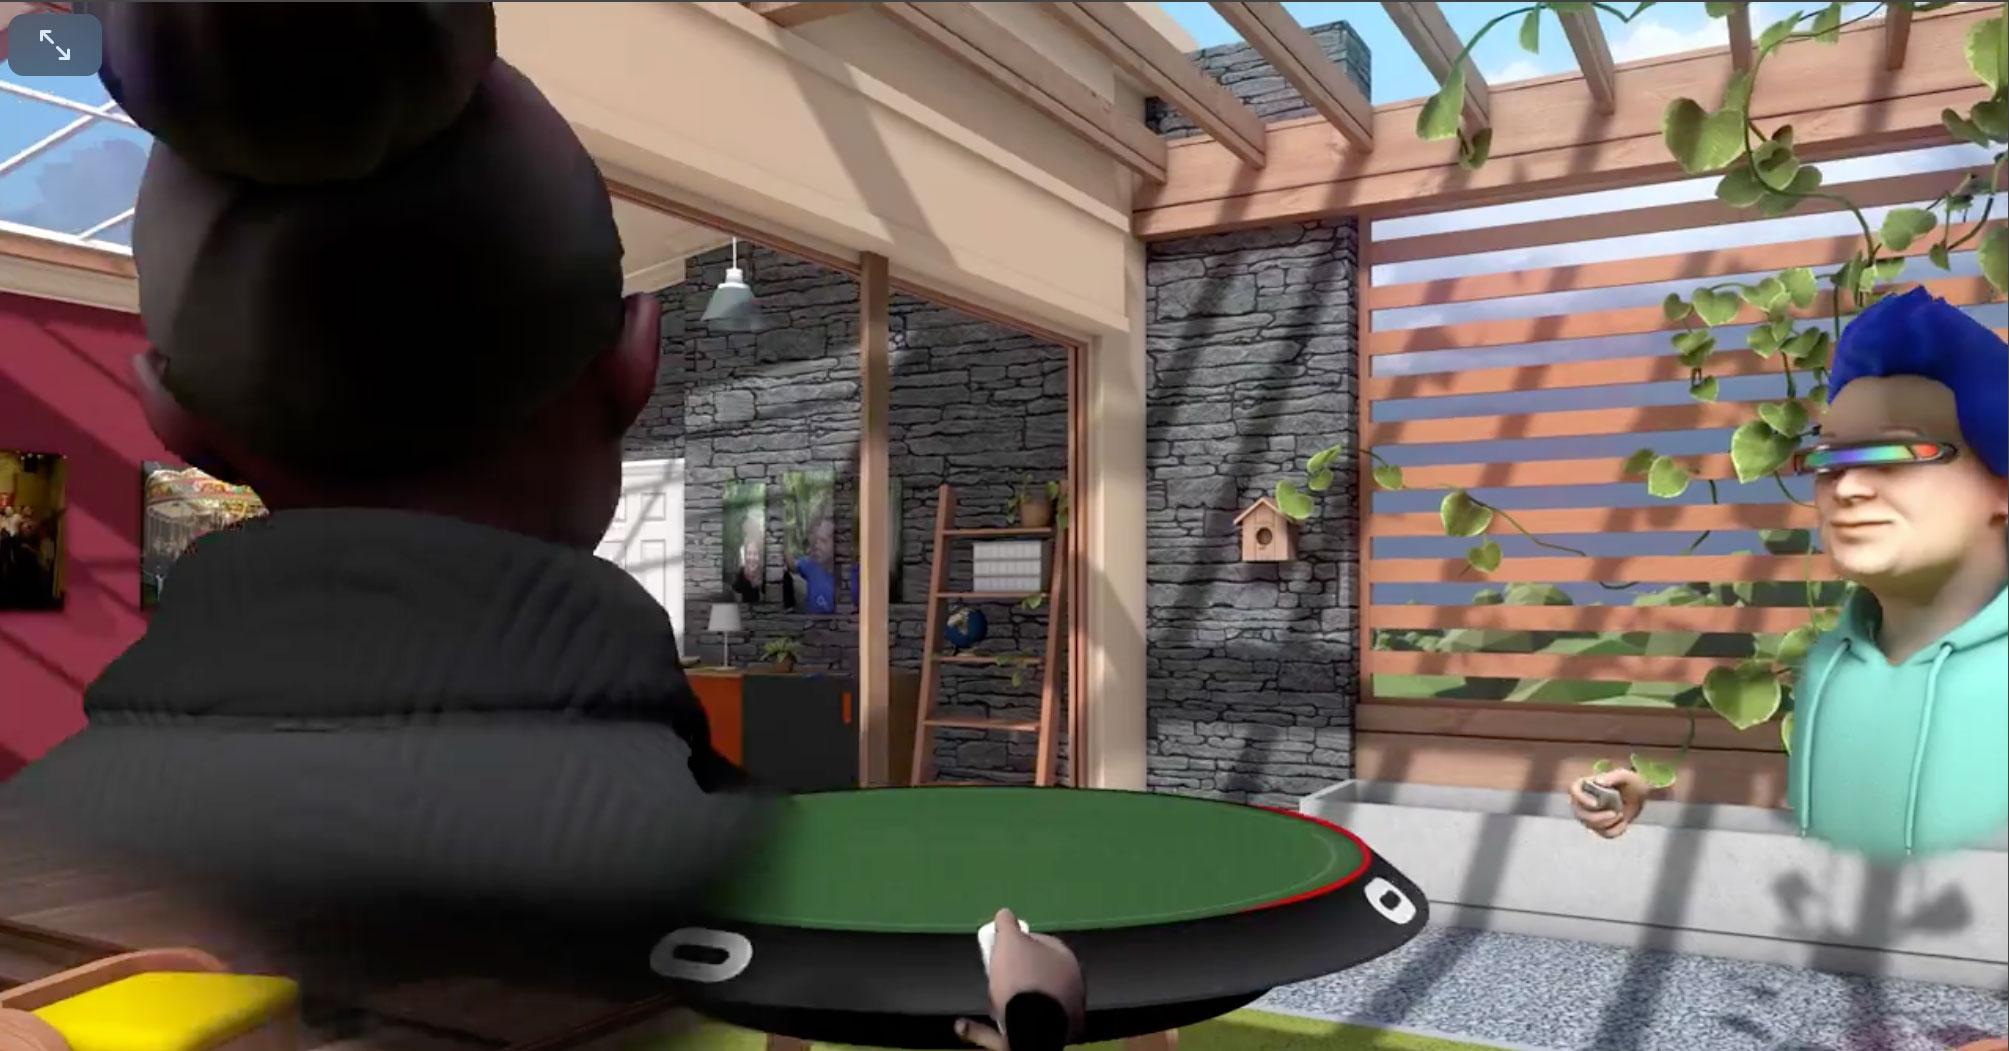 """Virtuelle Chat- und Social-Media-Lounge: """"Oculus Rooms"""" gehört zu den speziell für die """"Go"""" optimierten Anwendungen. Ebenso wie..."""